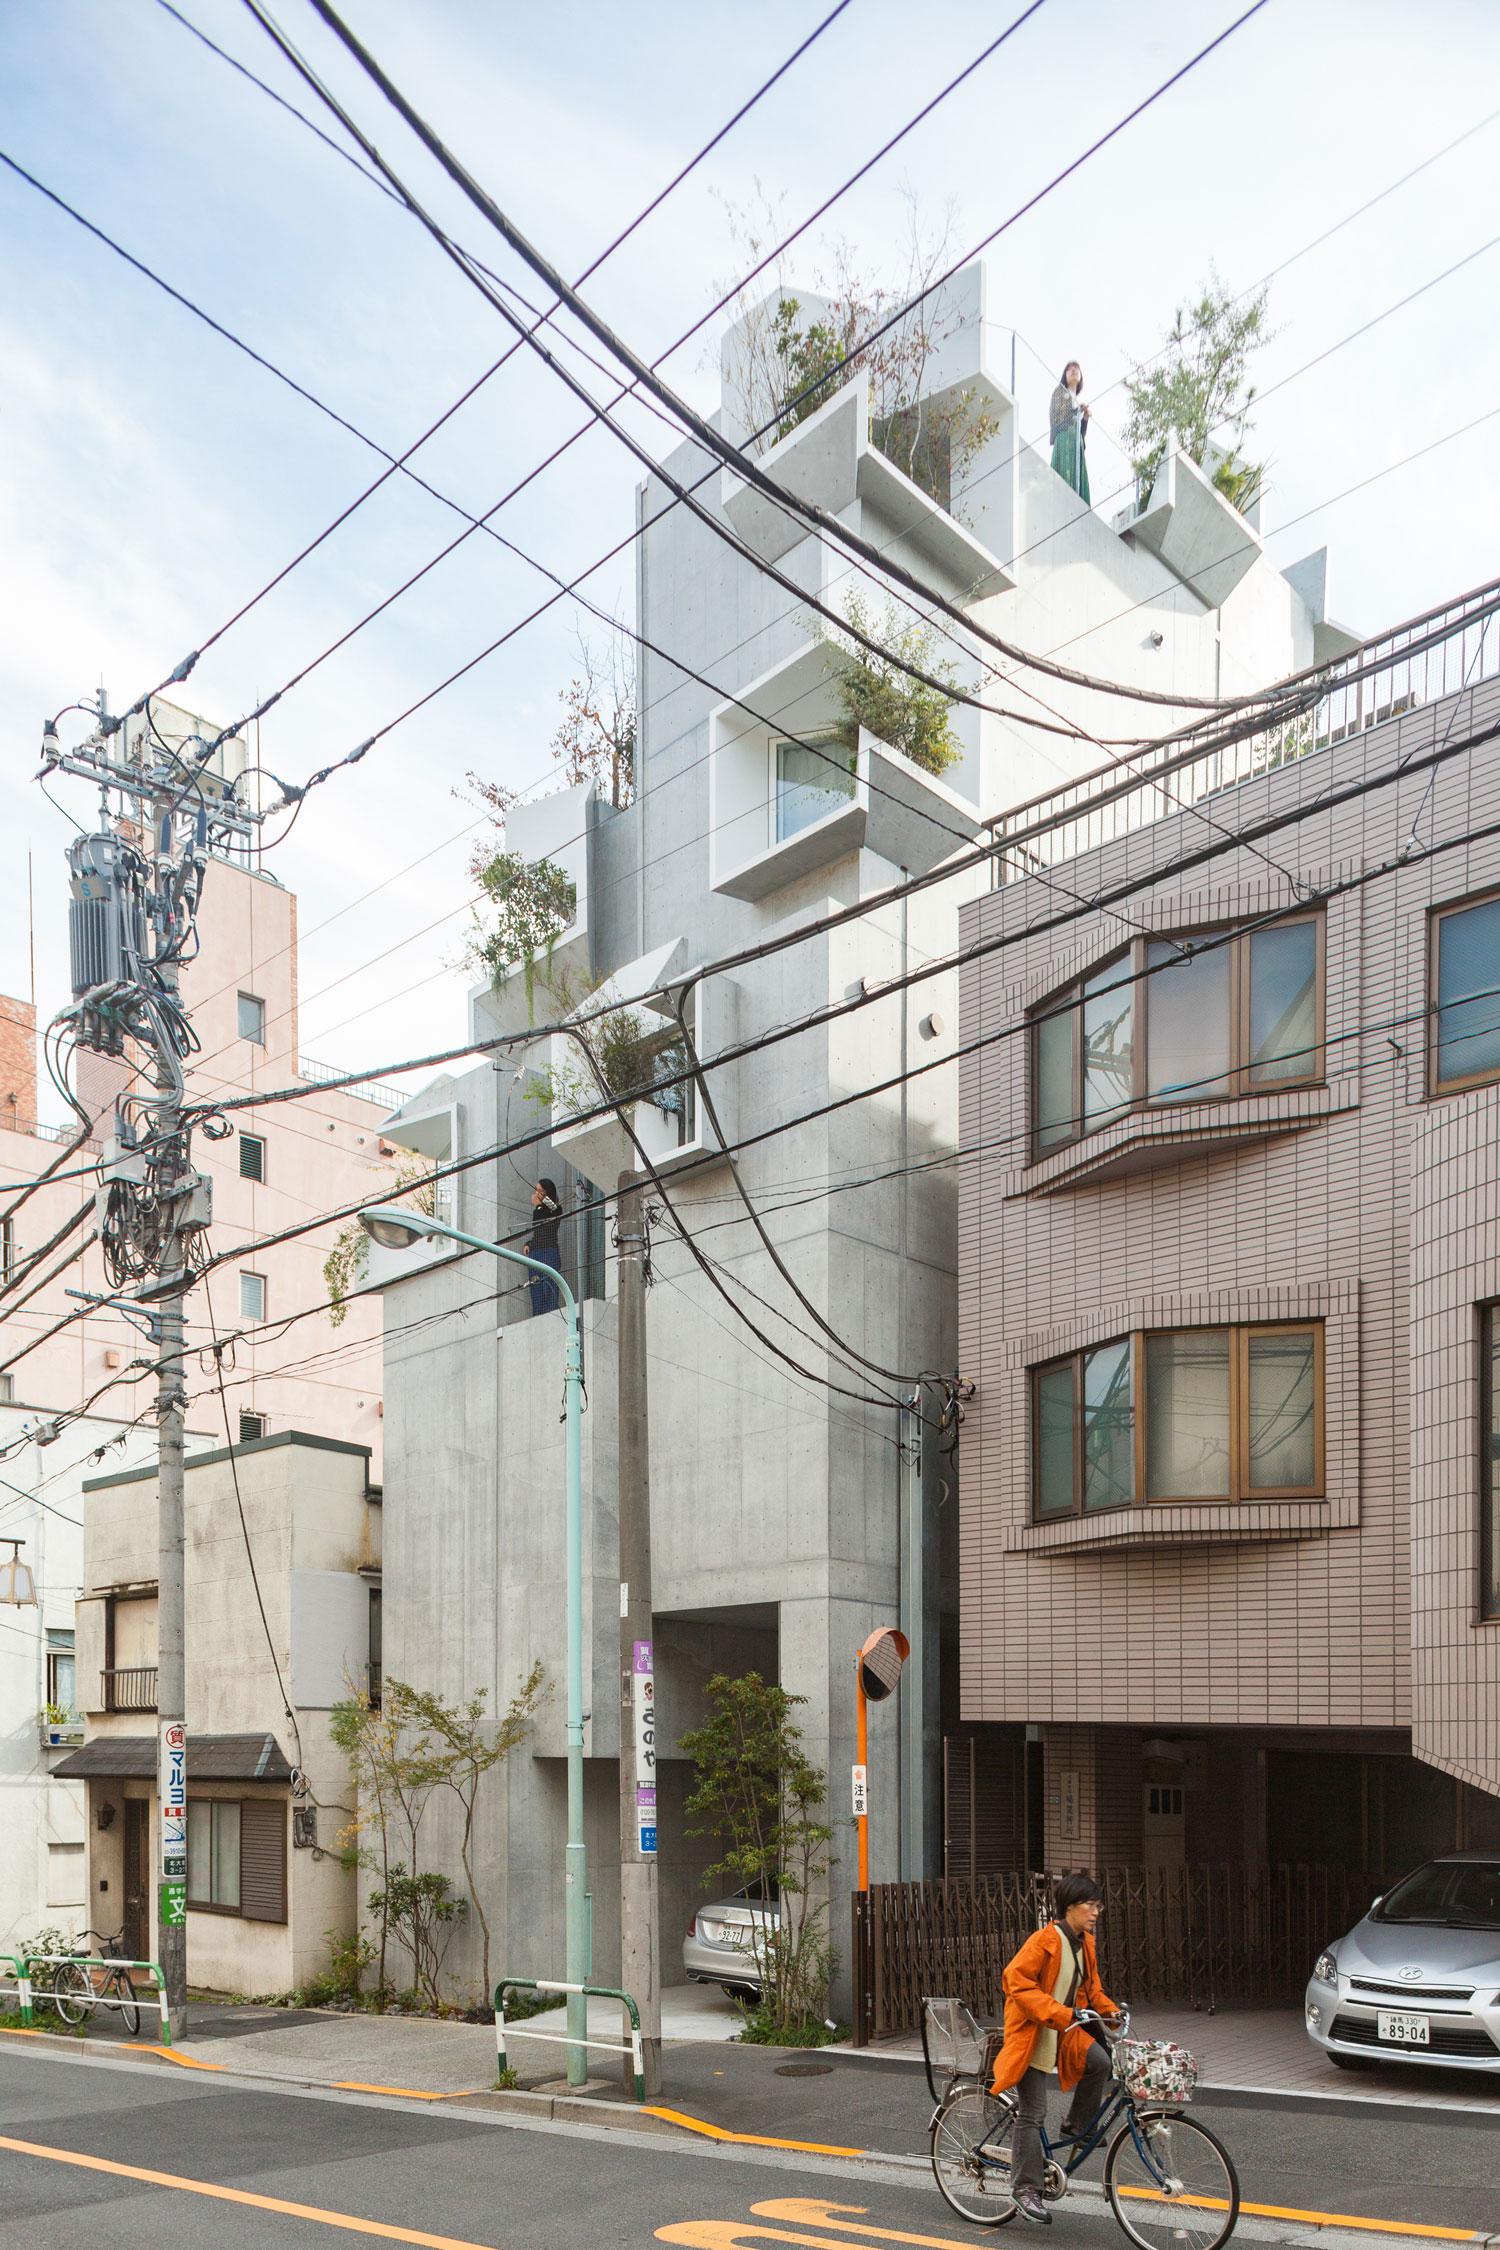 Tree-ness-House-Toshima-Japan-by-Akihisa-Hirata-Yellowtrace-03.jpg